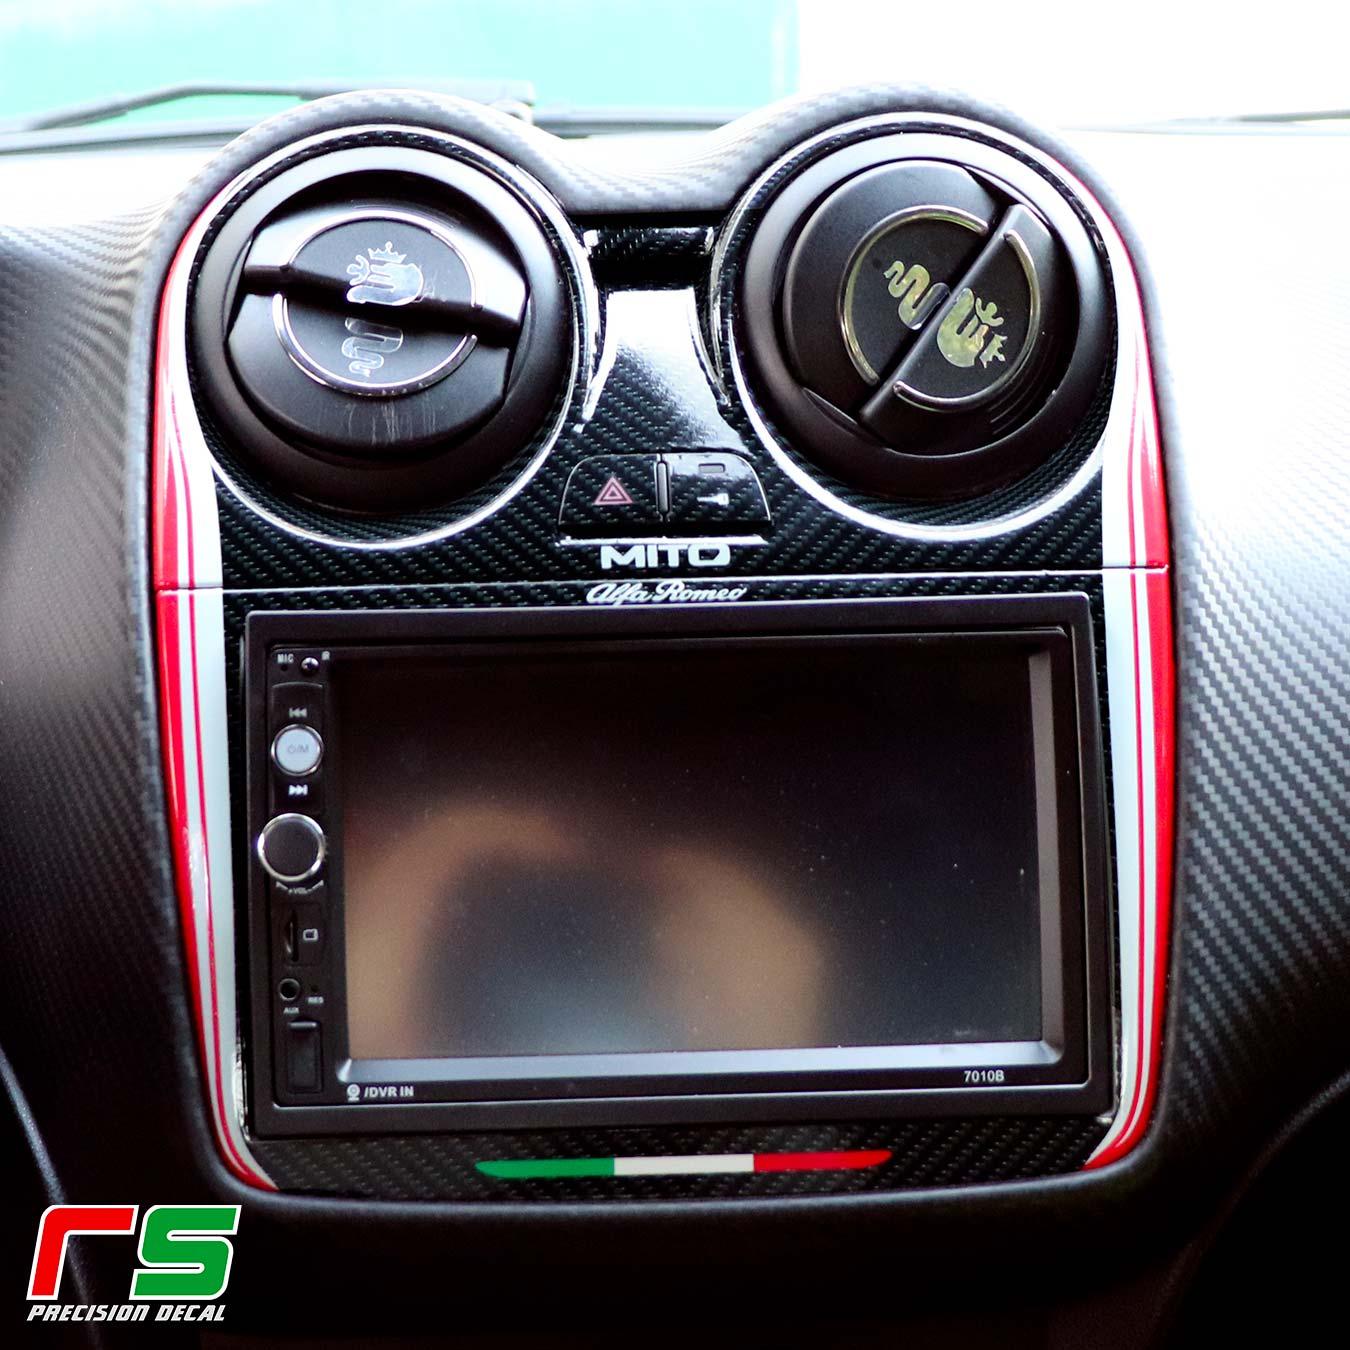 Alfa Romeo Mito kit consolle + volante color adesivi personalizzati